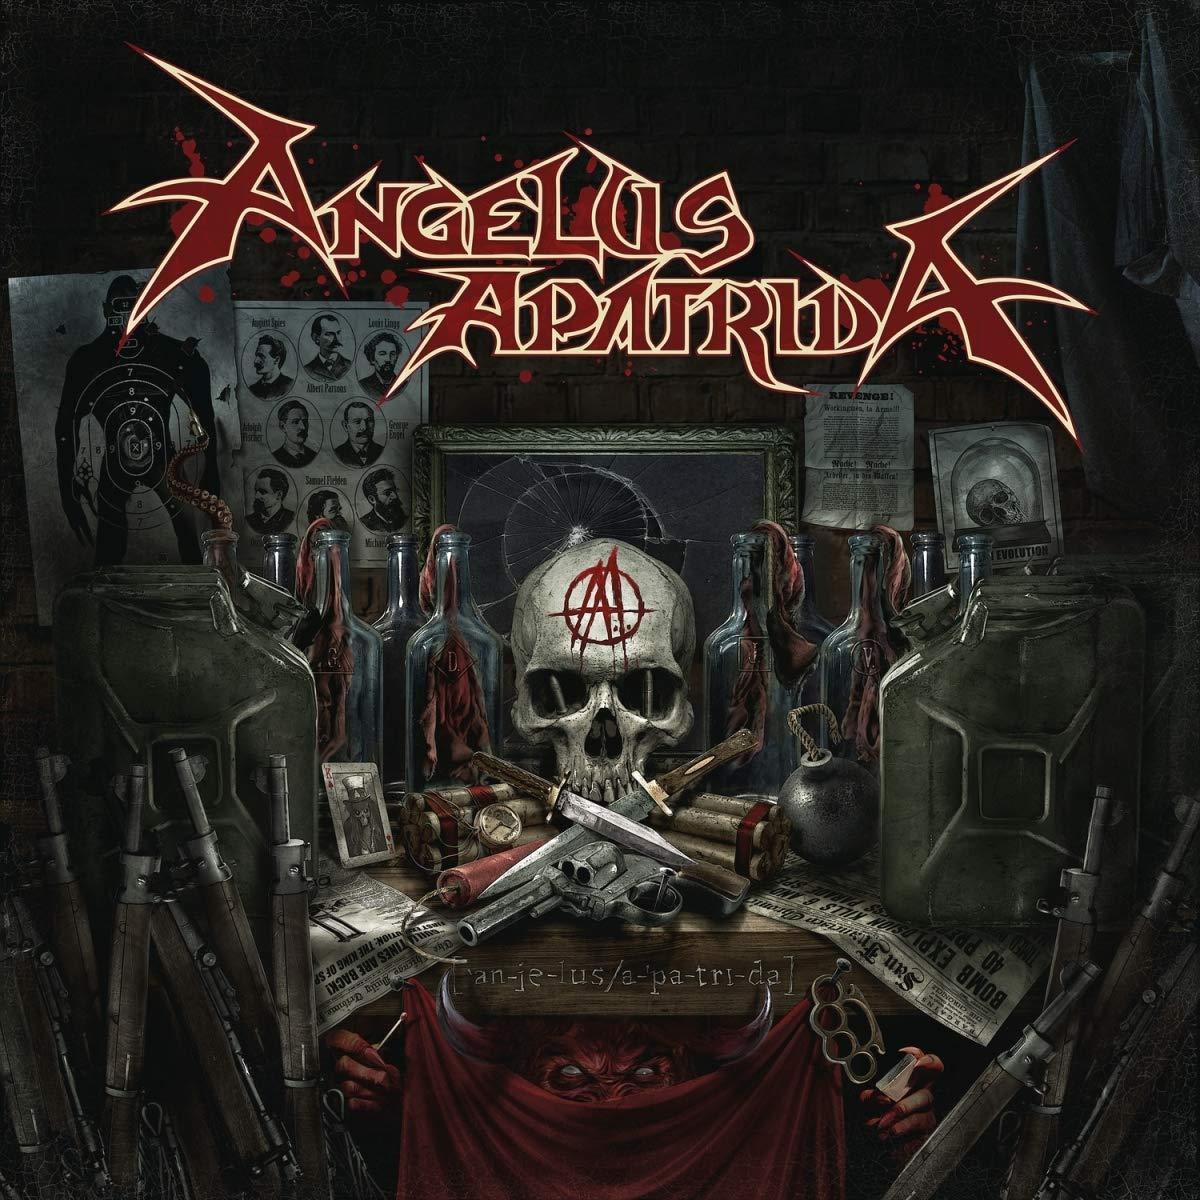 amgelus apatrida par ANGELUS APATRIDA